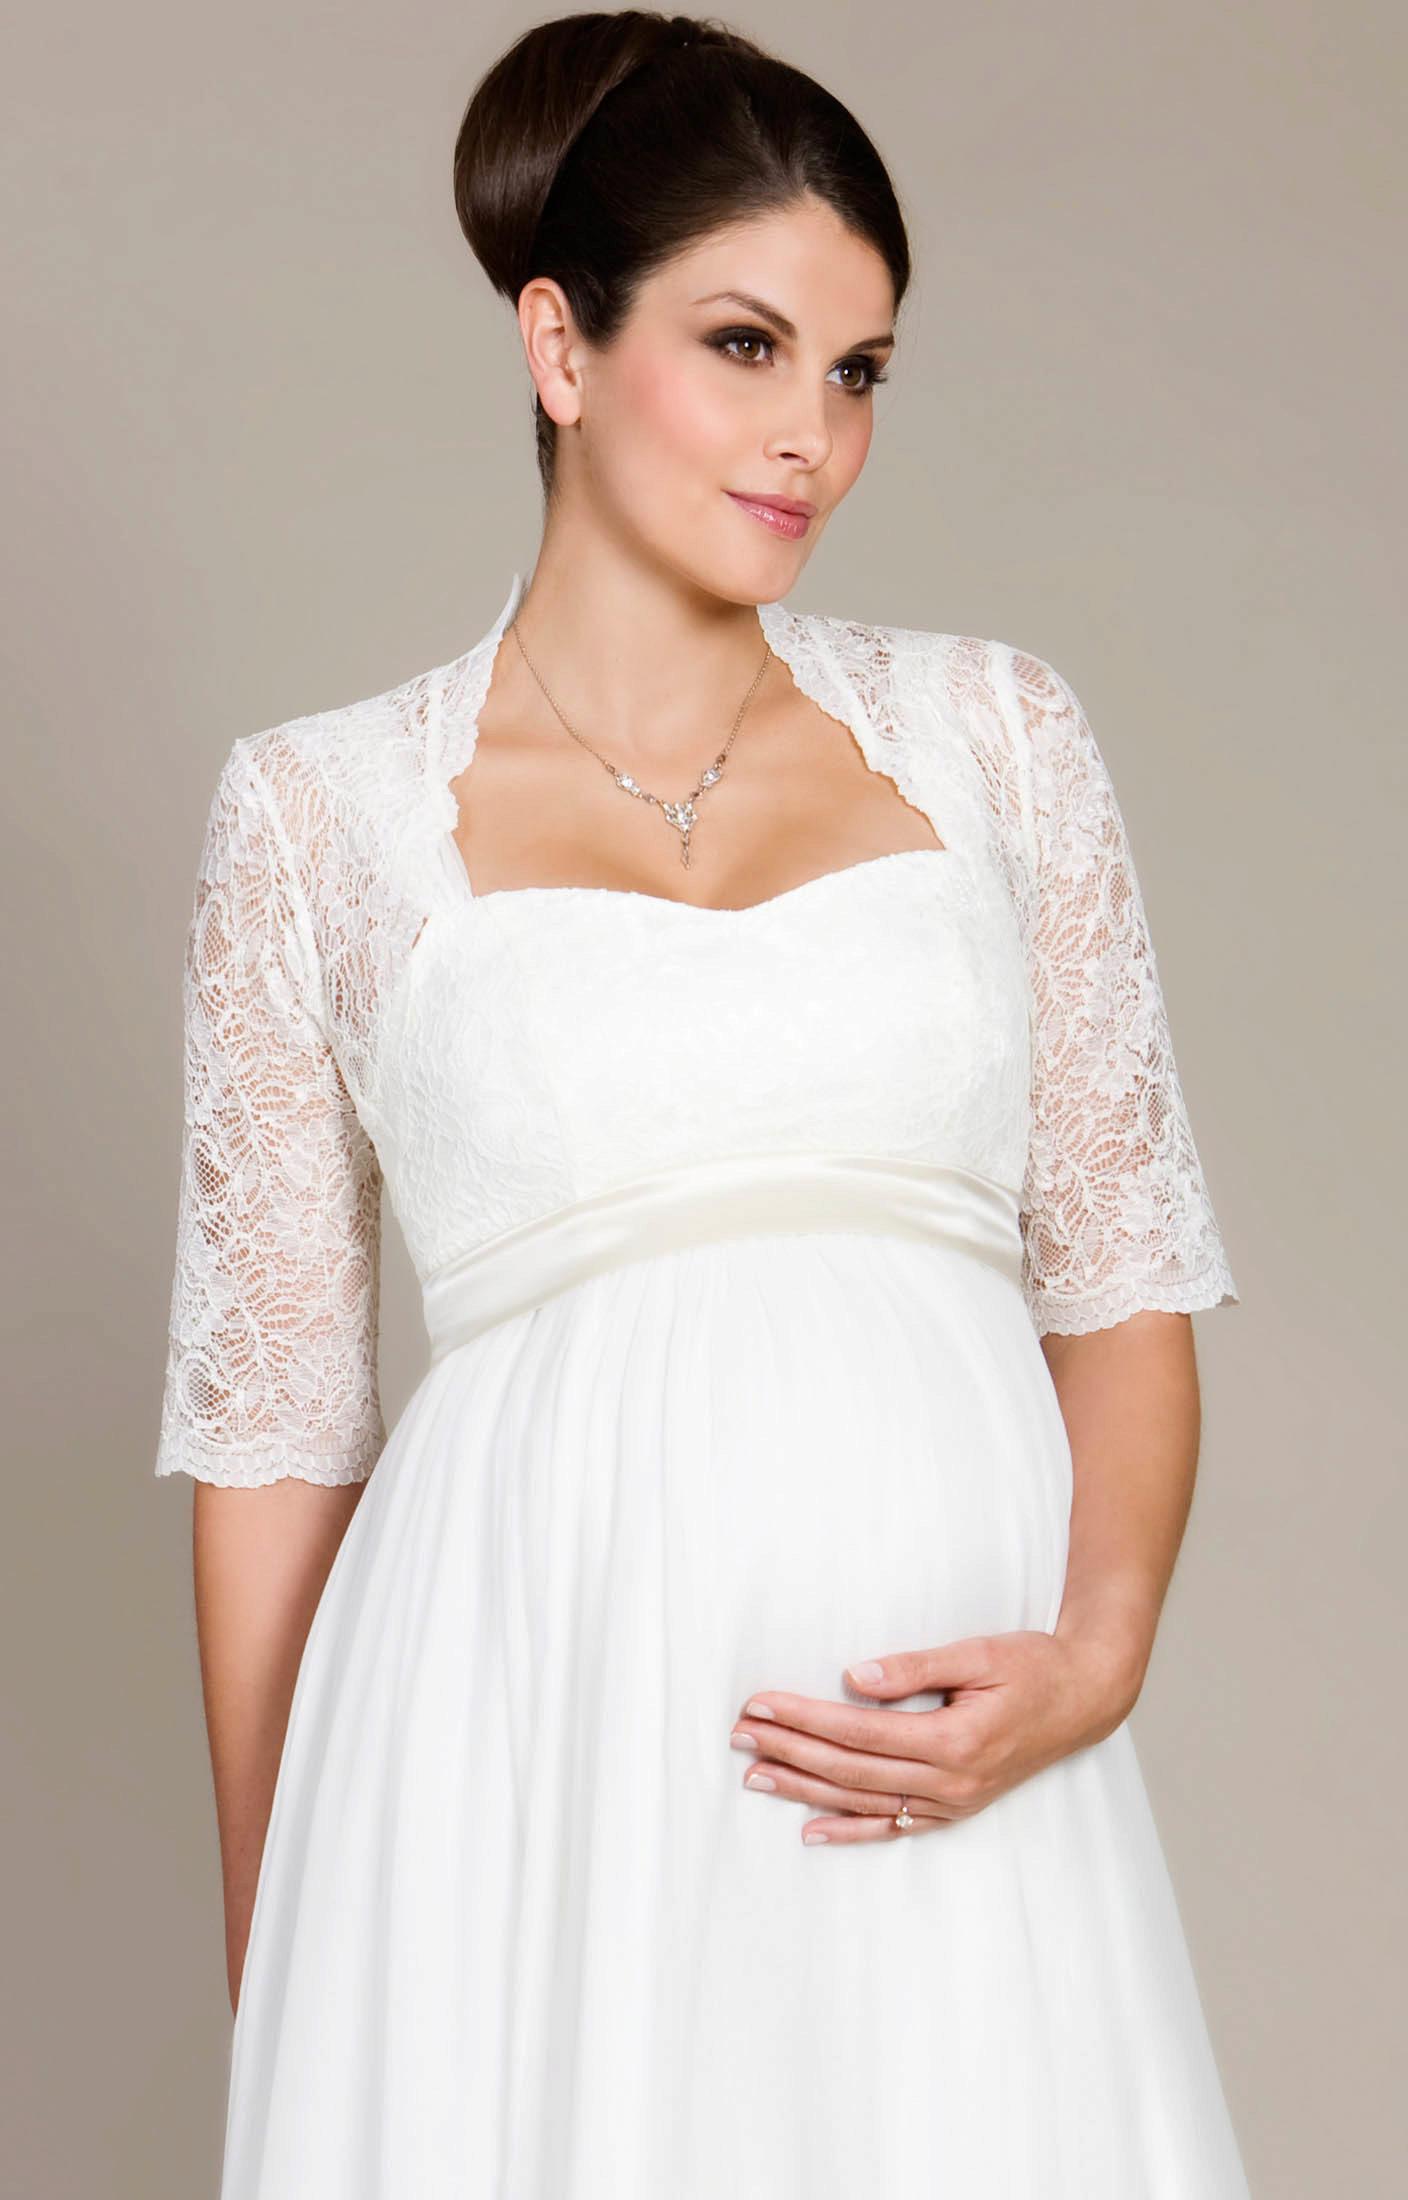 0d3fa730f7d Свадебное болеро на платье для невесты (45 фото)  кружевное